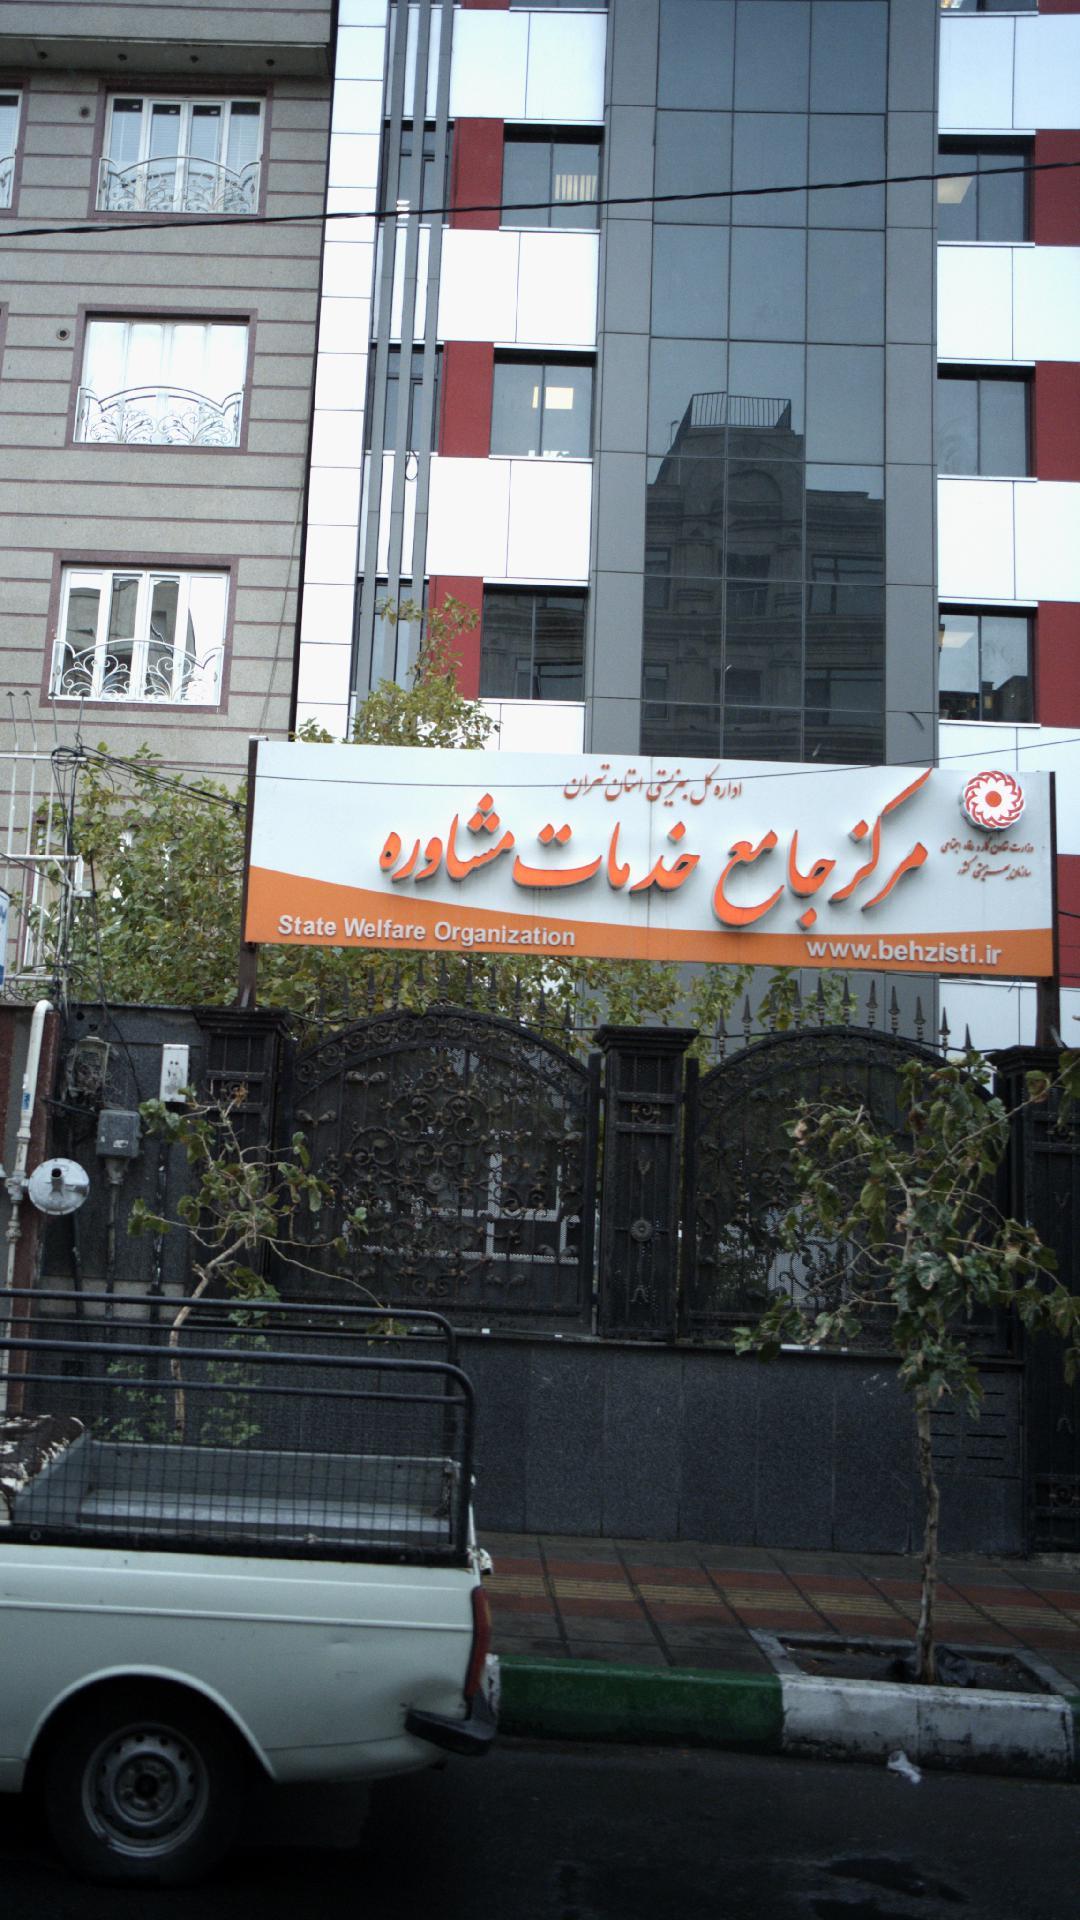 مرکز جامع خدمات مشاوره بهزیستی استان تهران